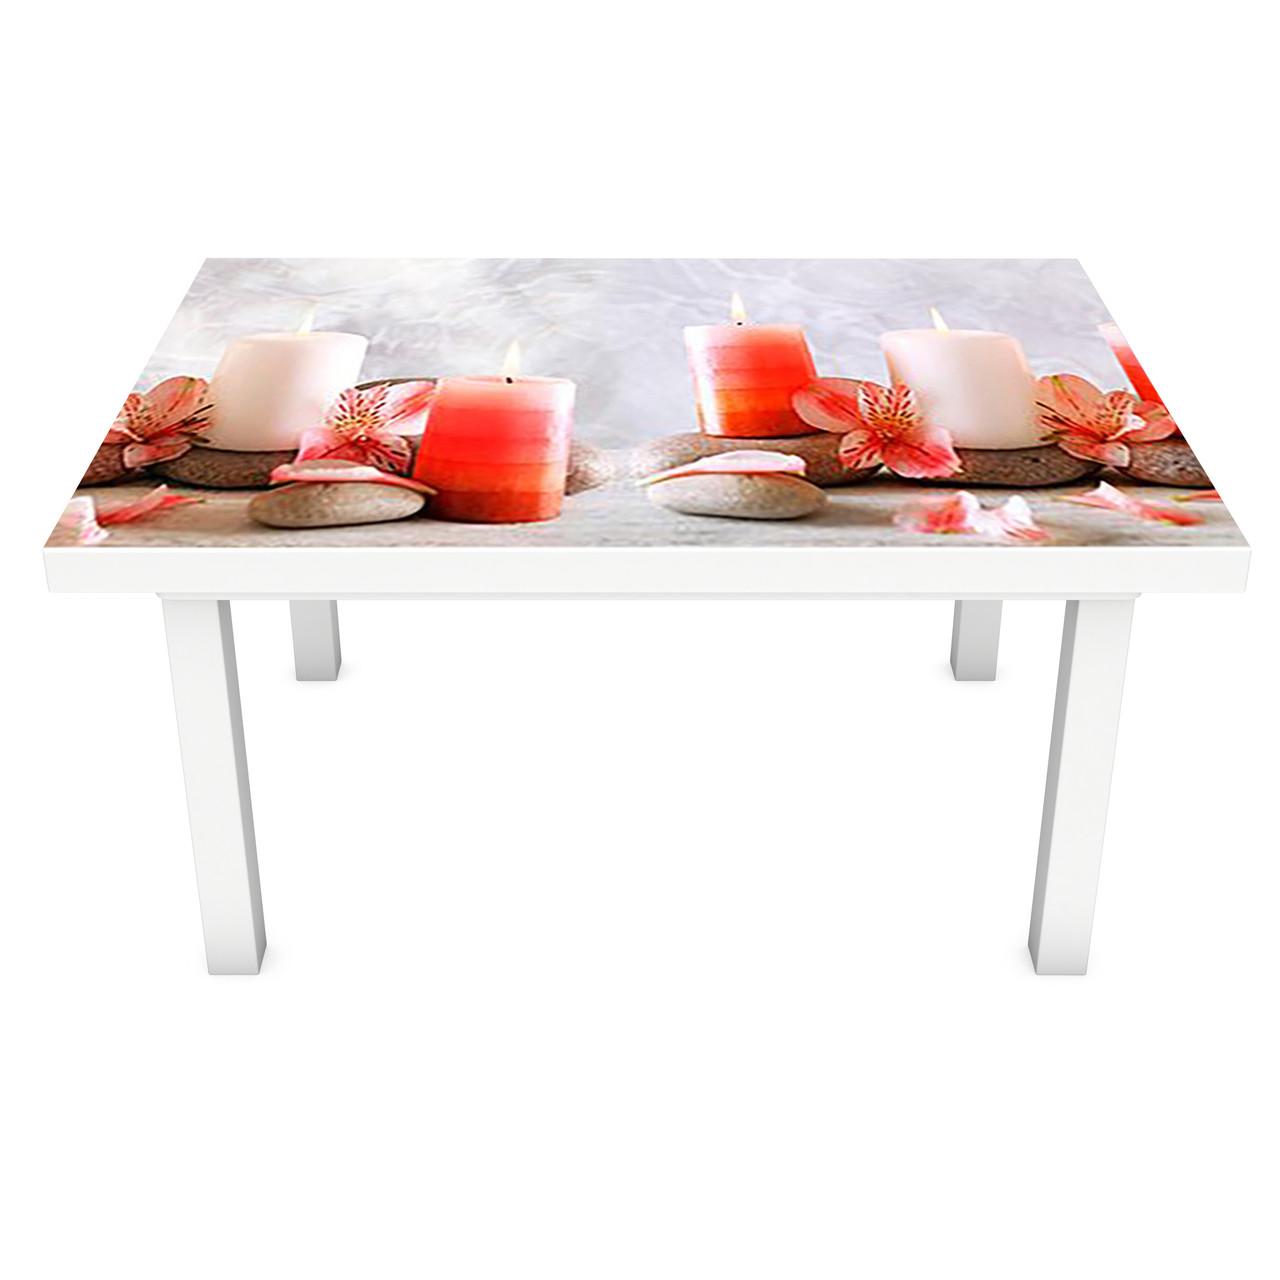 Наклейка на стол виниловая Нежные свечи и цветы на мебель интерьерная ПВХ 3Д релакс красный 600*1200 мм